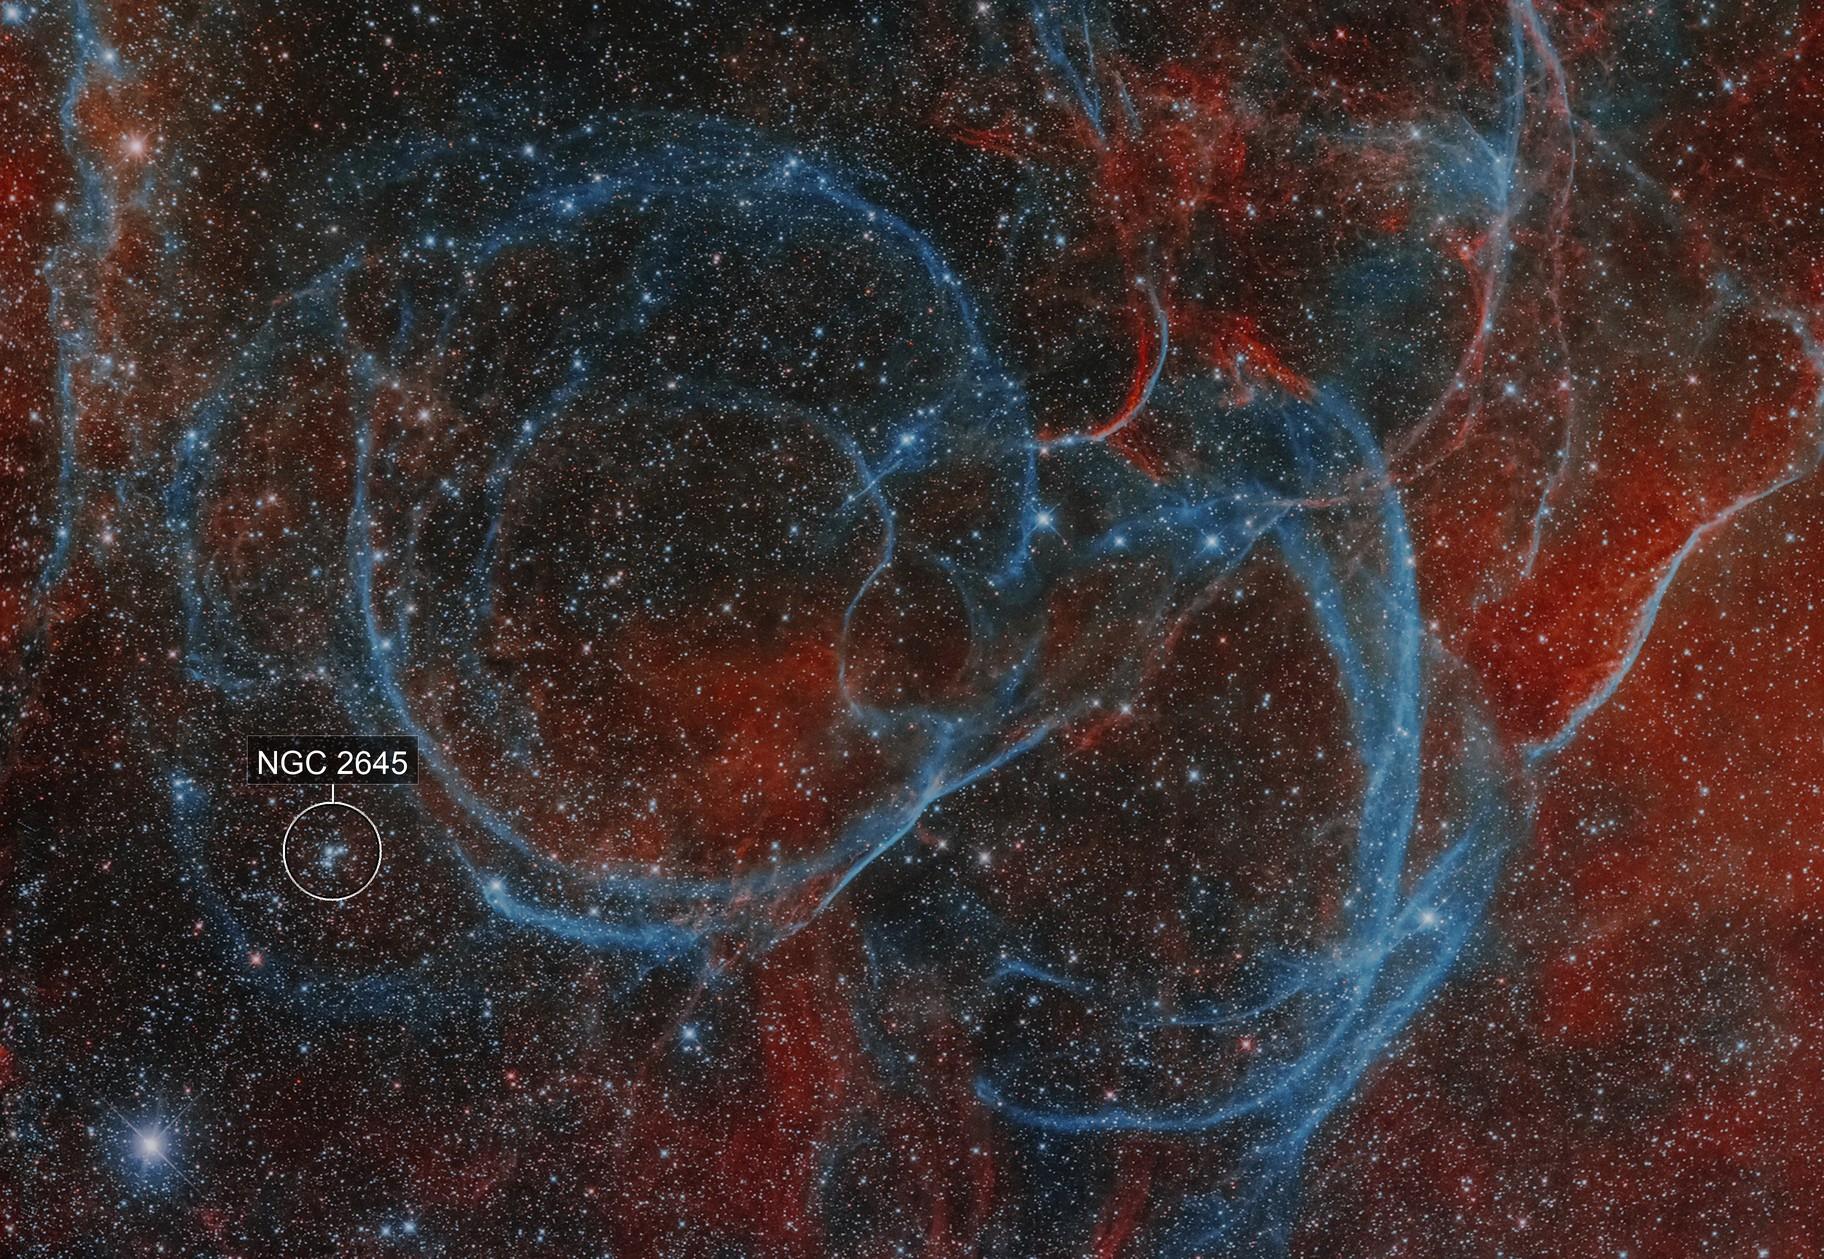 Vela SNR closeup